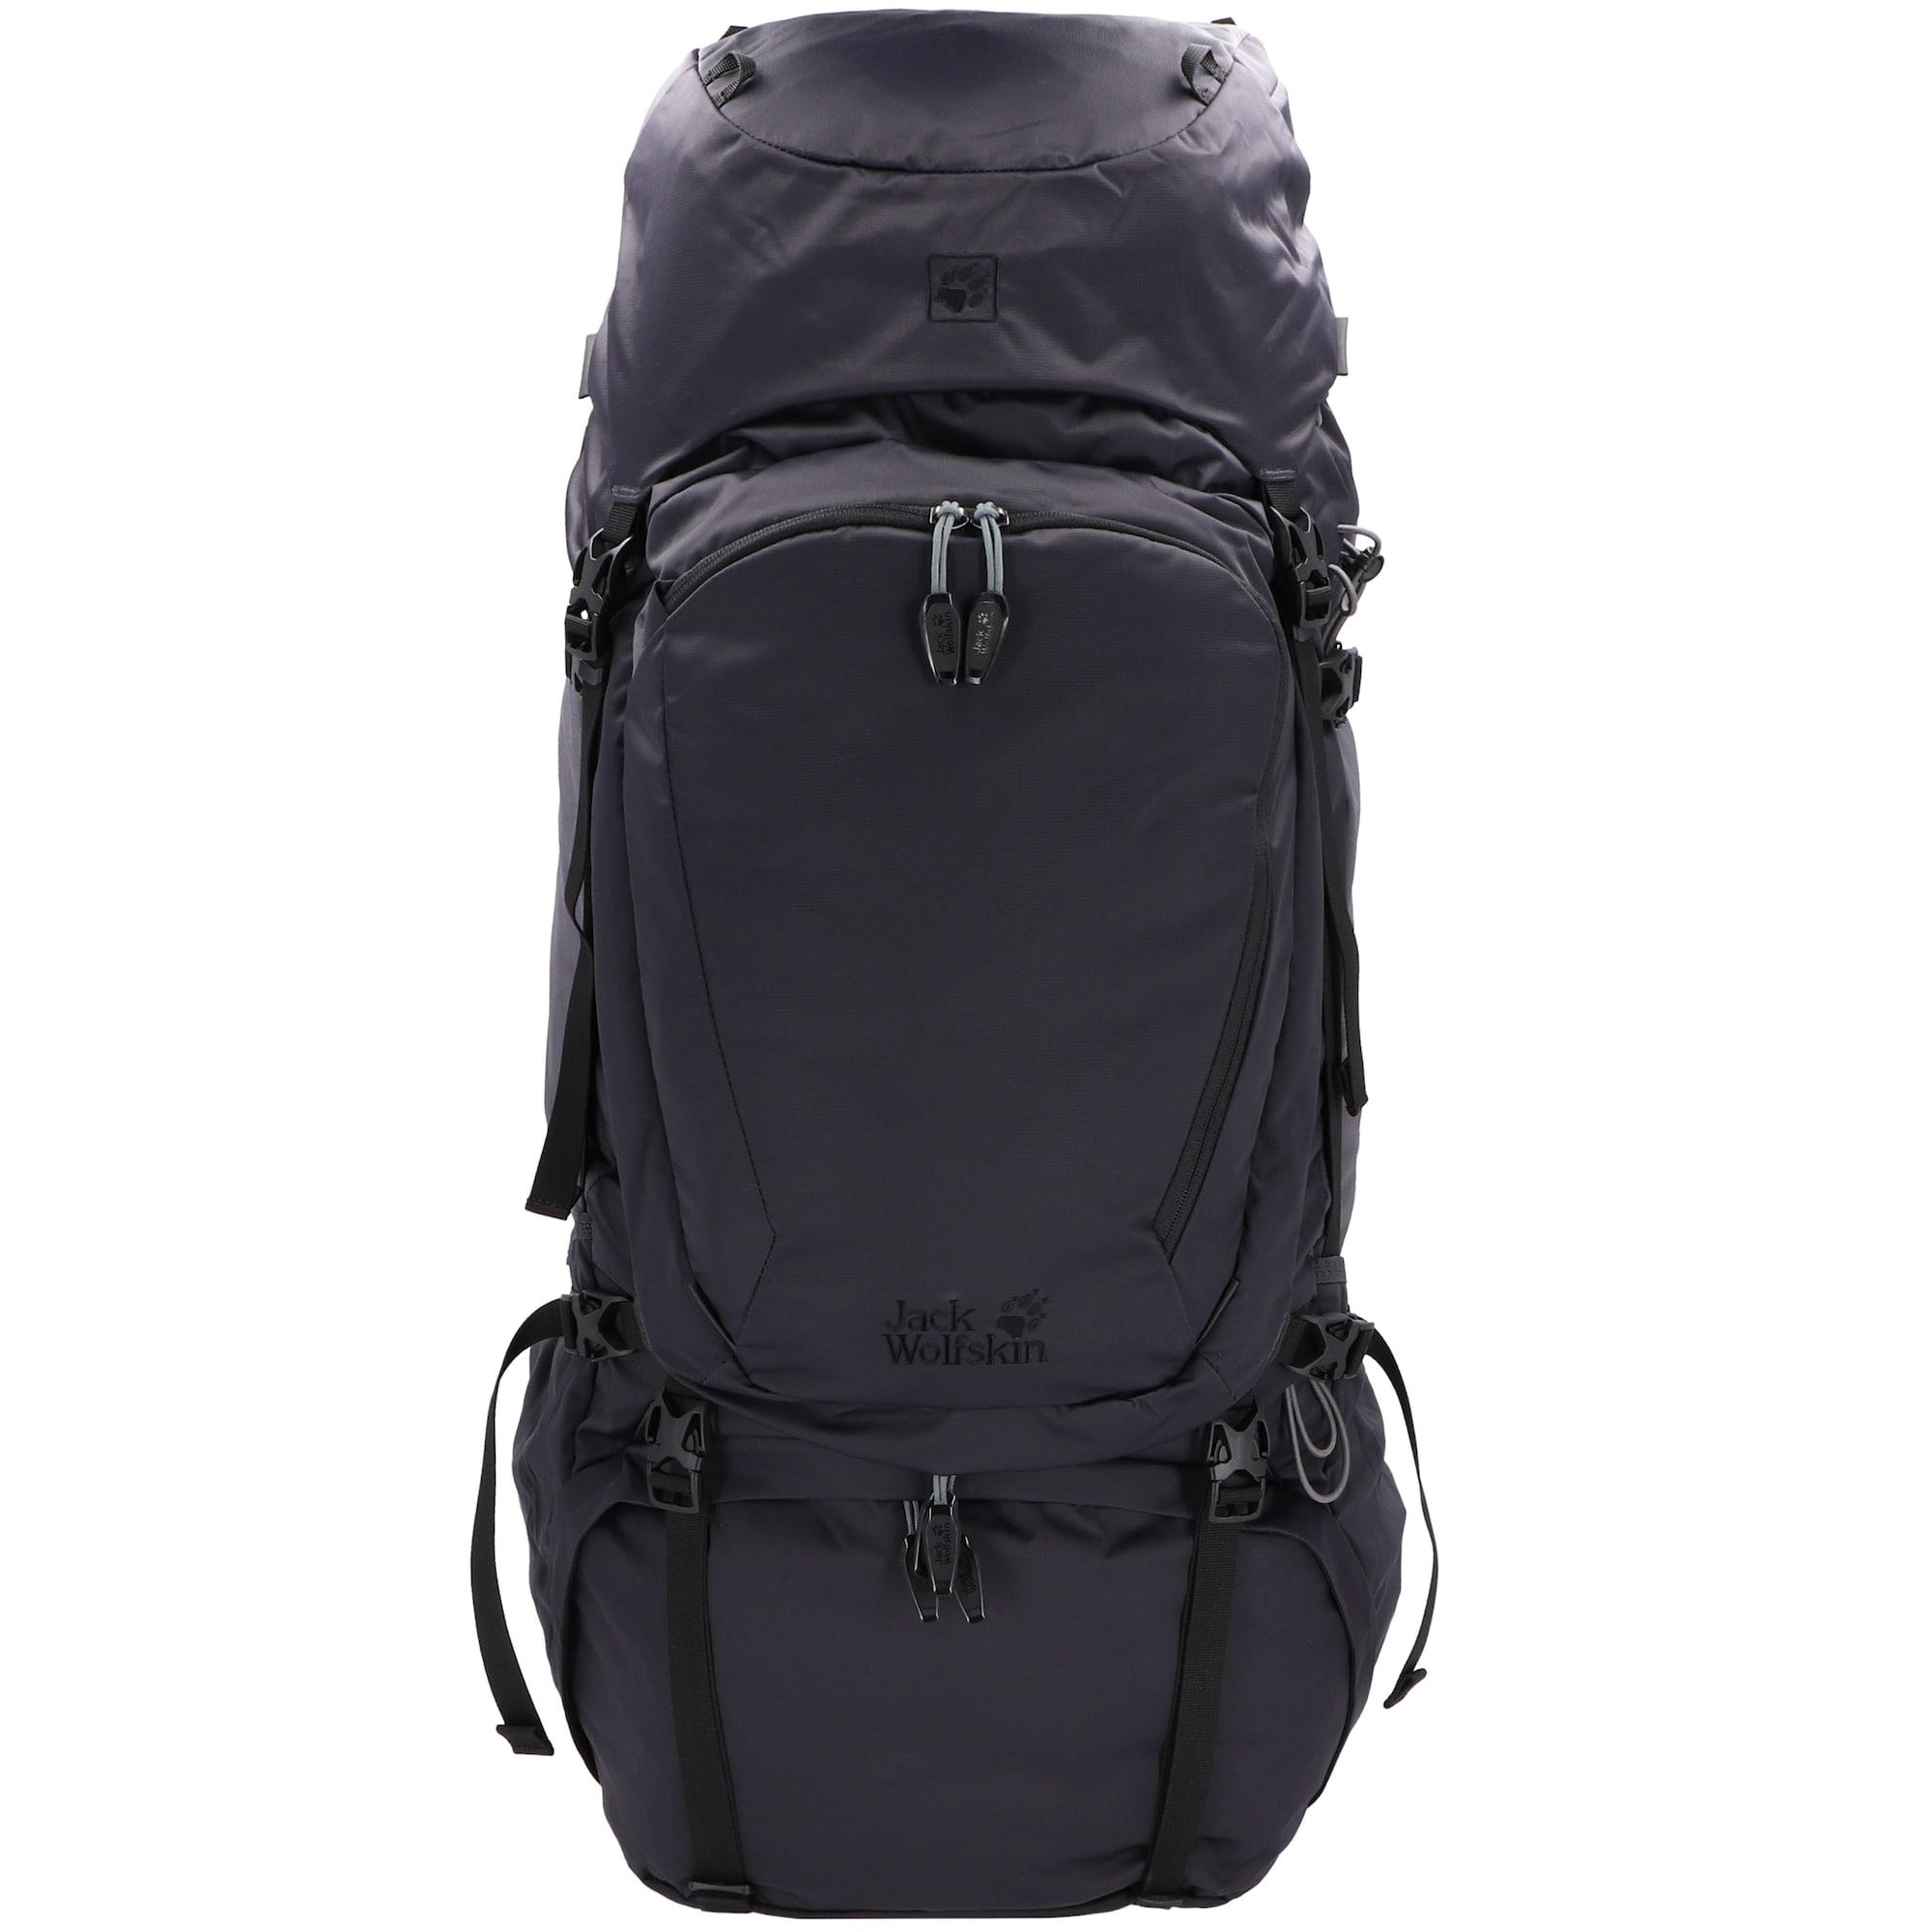 Trekkingrucksack 'Denali' | Taschen > Rucksäcke > Sonstige Rucksäcke | Jack Wolfskin